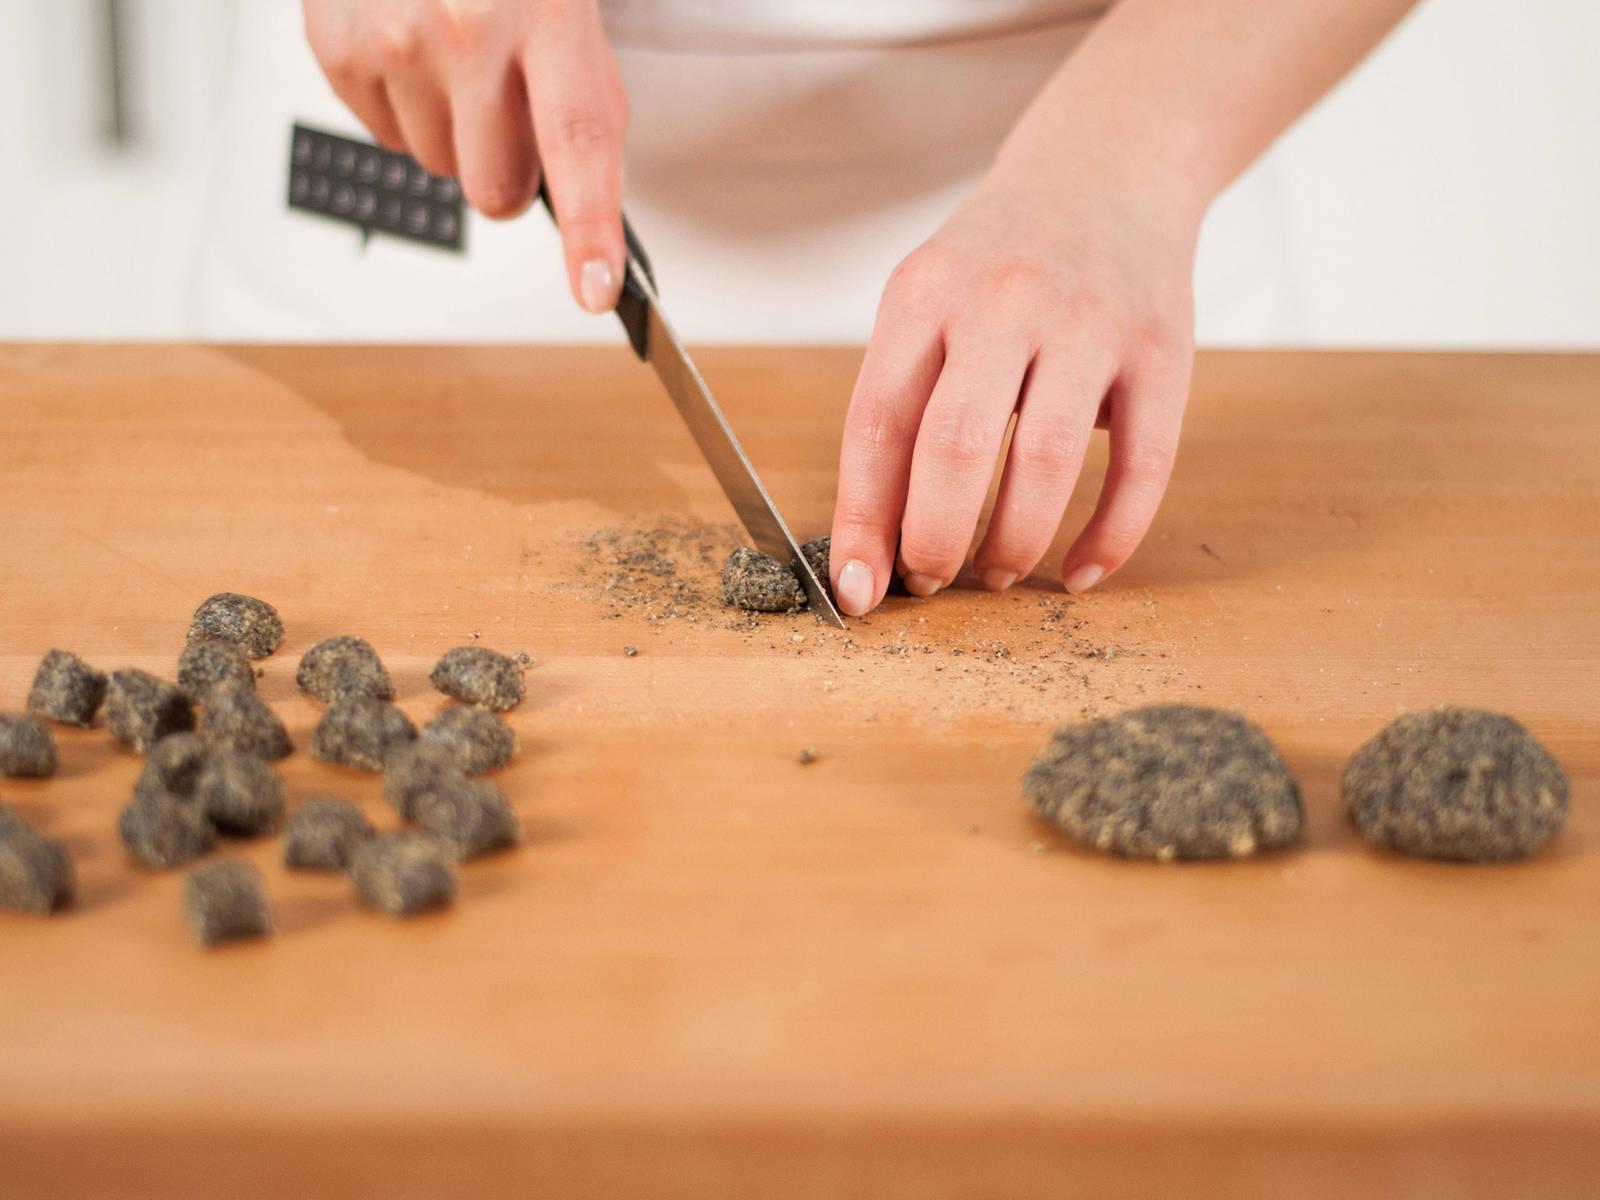 将馅料移至砧板上,分成4等份。将每份揉成圆柱形,然后切成榛子大小的块。